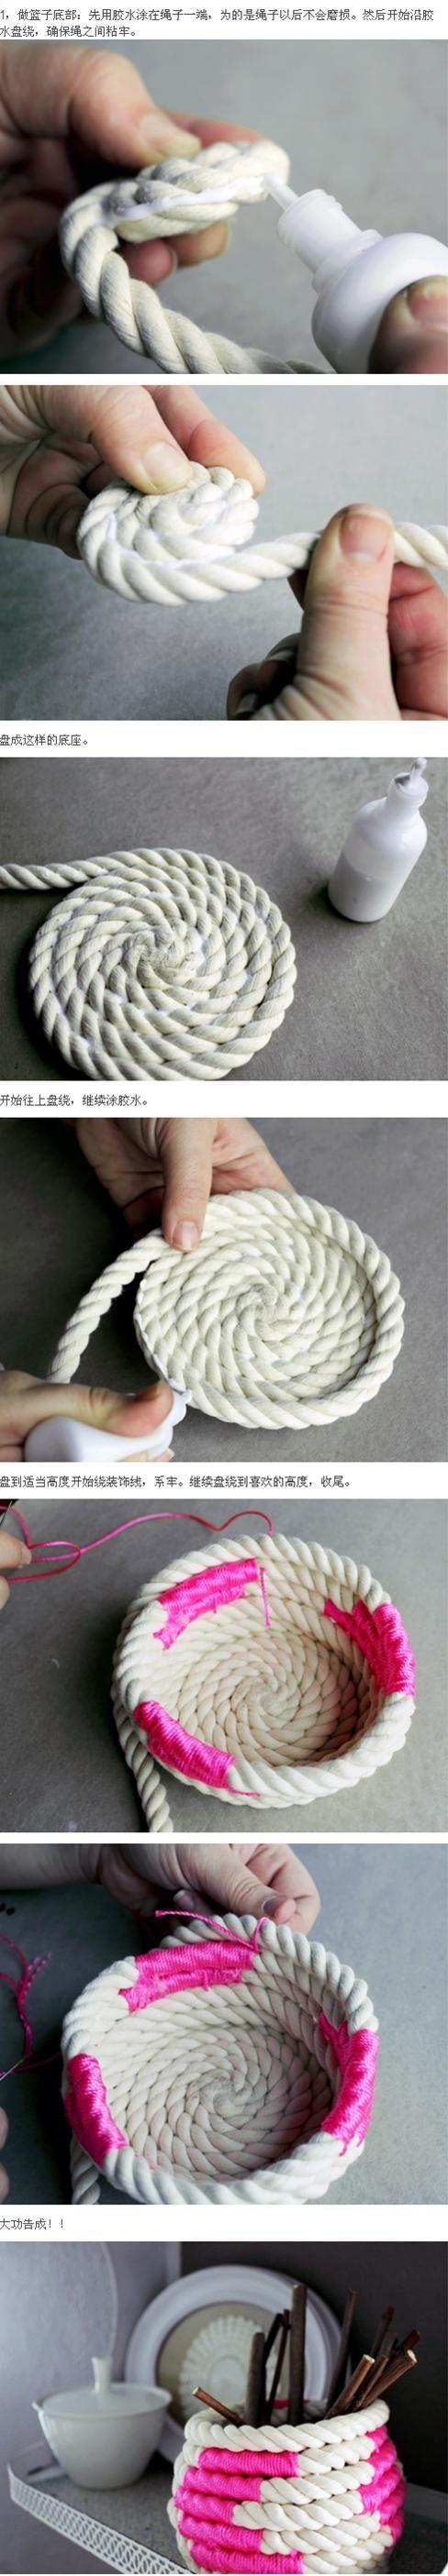 Haz tu propio tazón, sólo necesitas una cuerda y pegamento.